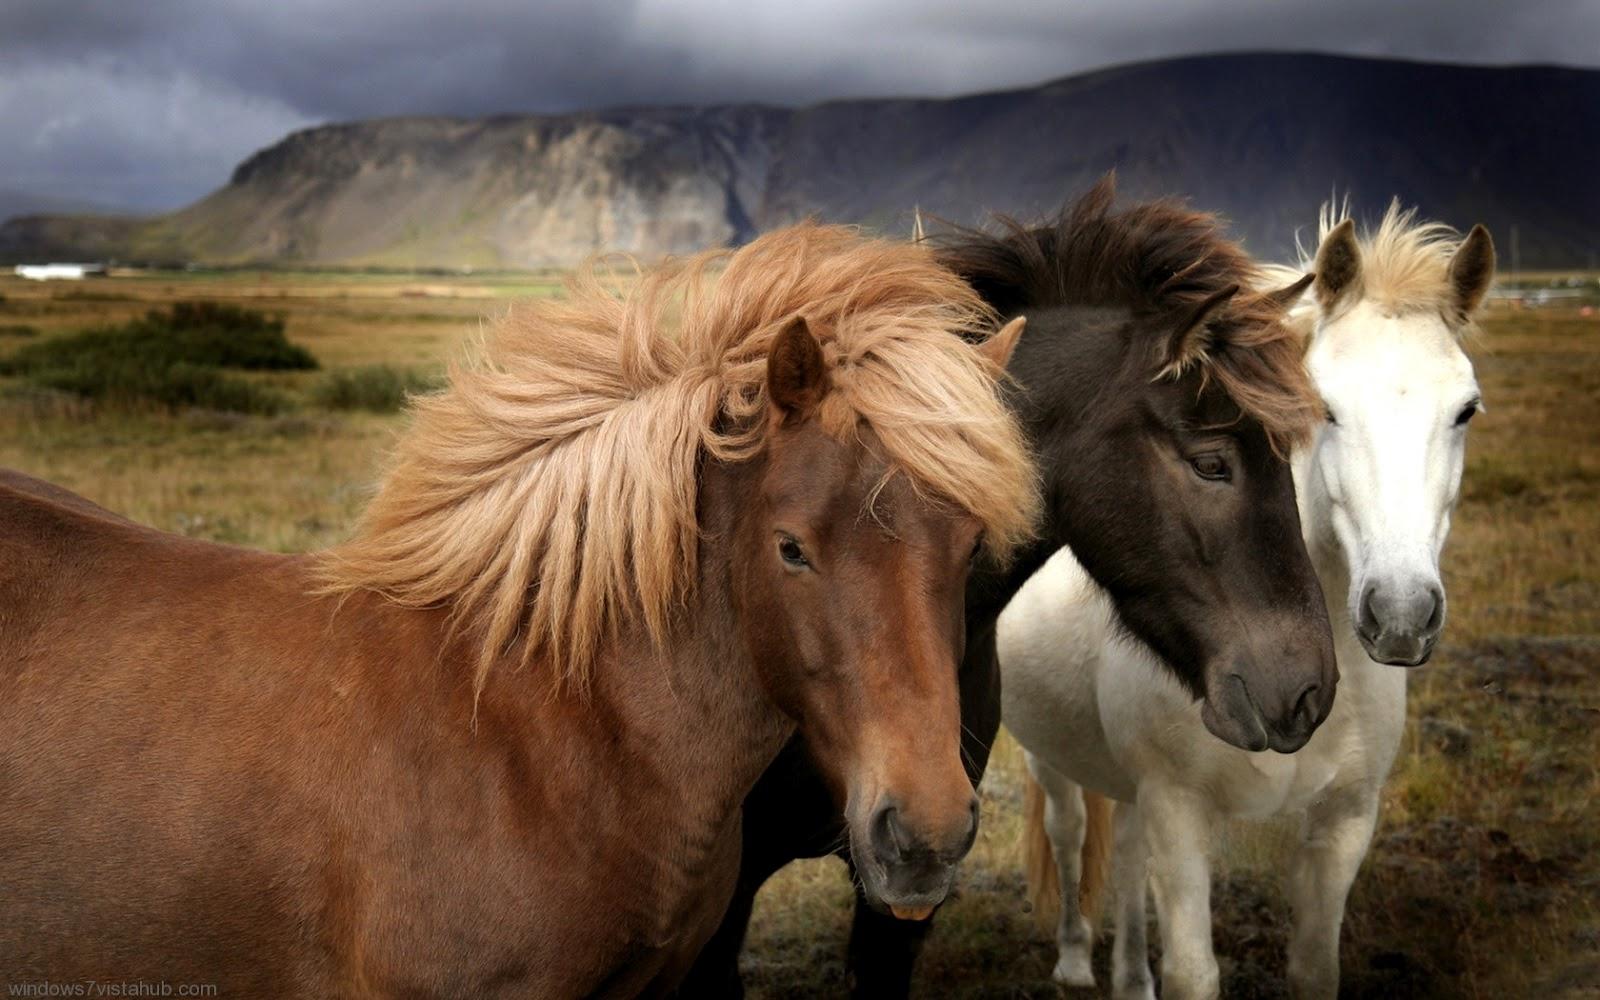 http://1.bp.blogspot.com/-Kd03CuK8bNo/UCCLel3si6I/AAAAAAAACW4/a089br1g_As/s1600/11023_Horses_7.jpeg